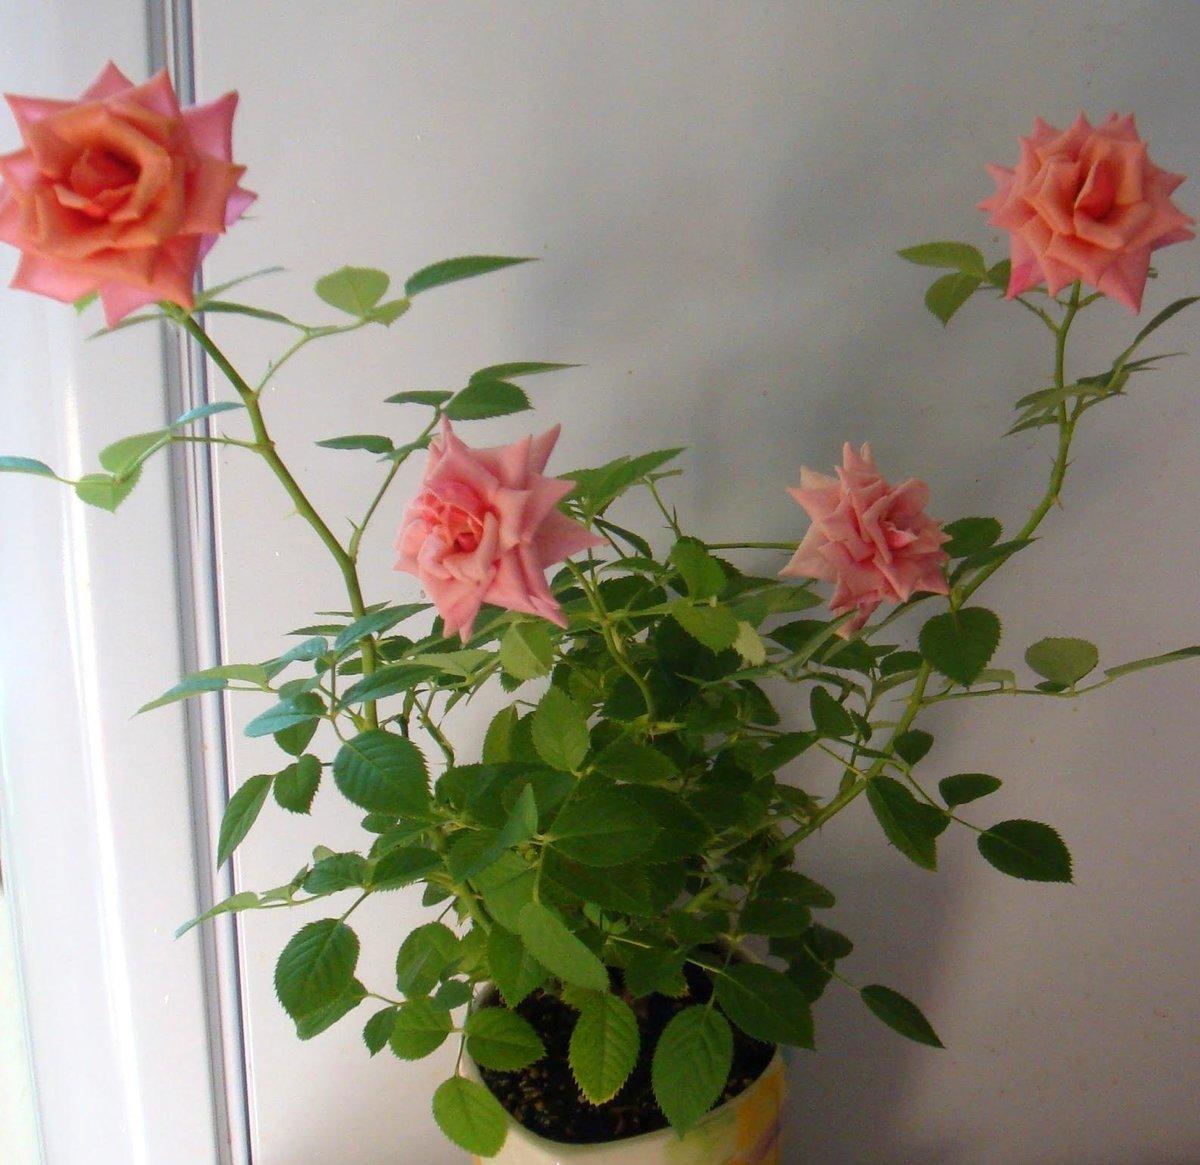 Домашний цветок роза фото размножения